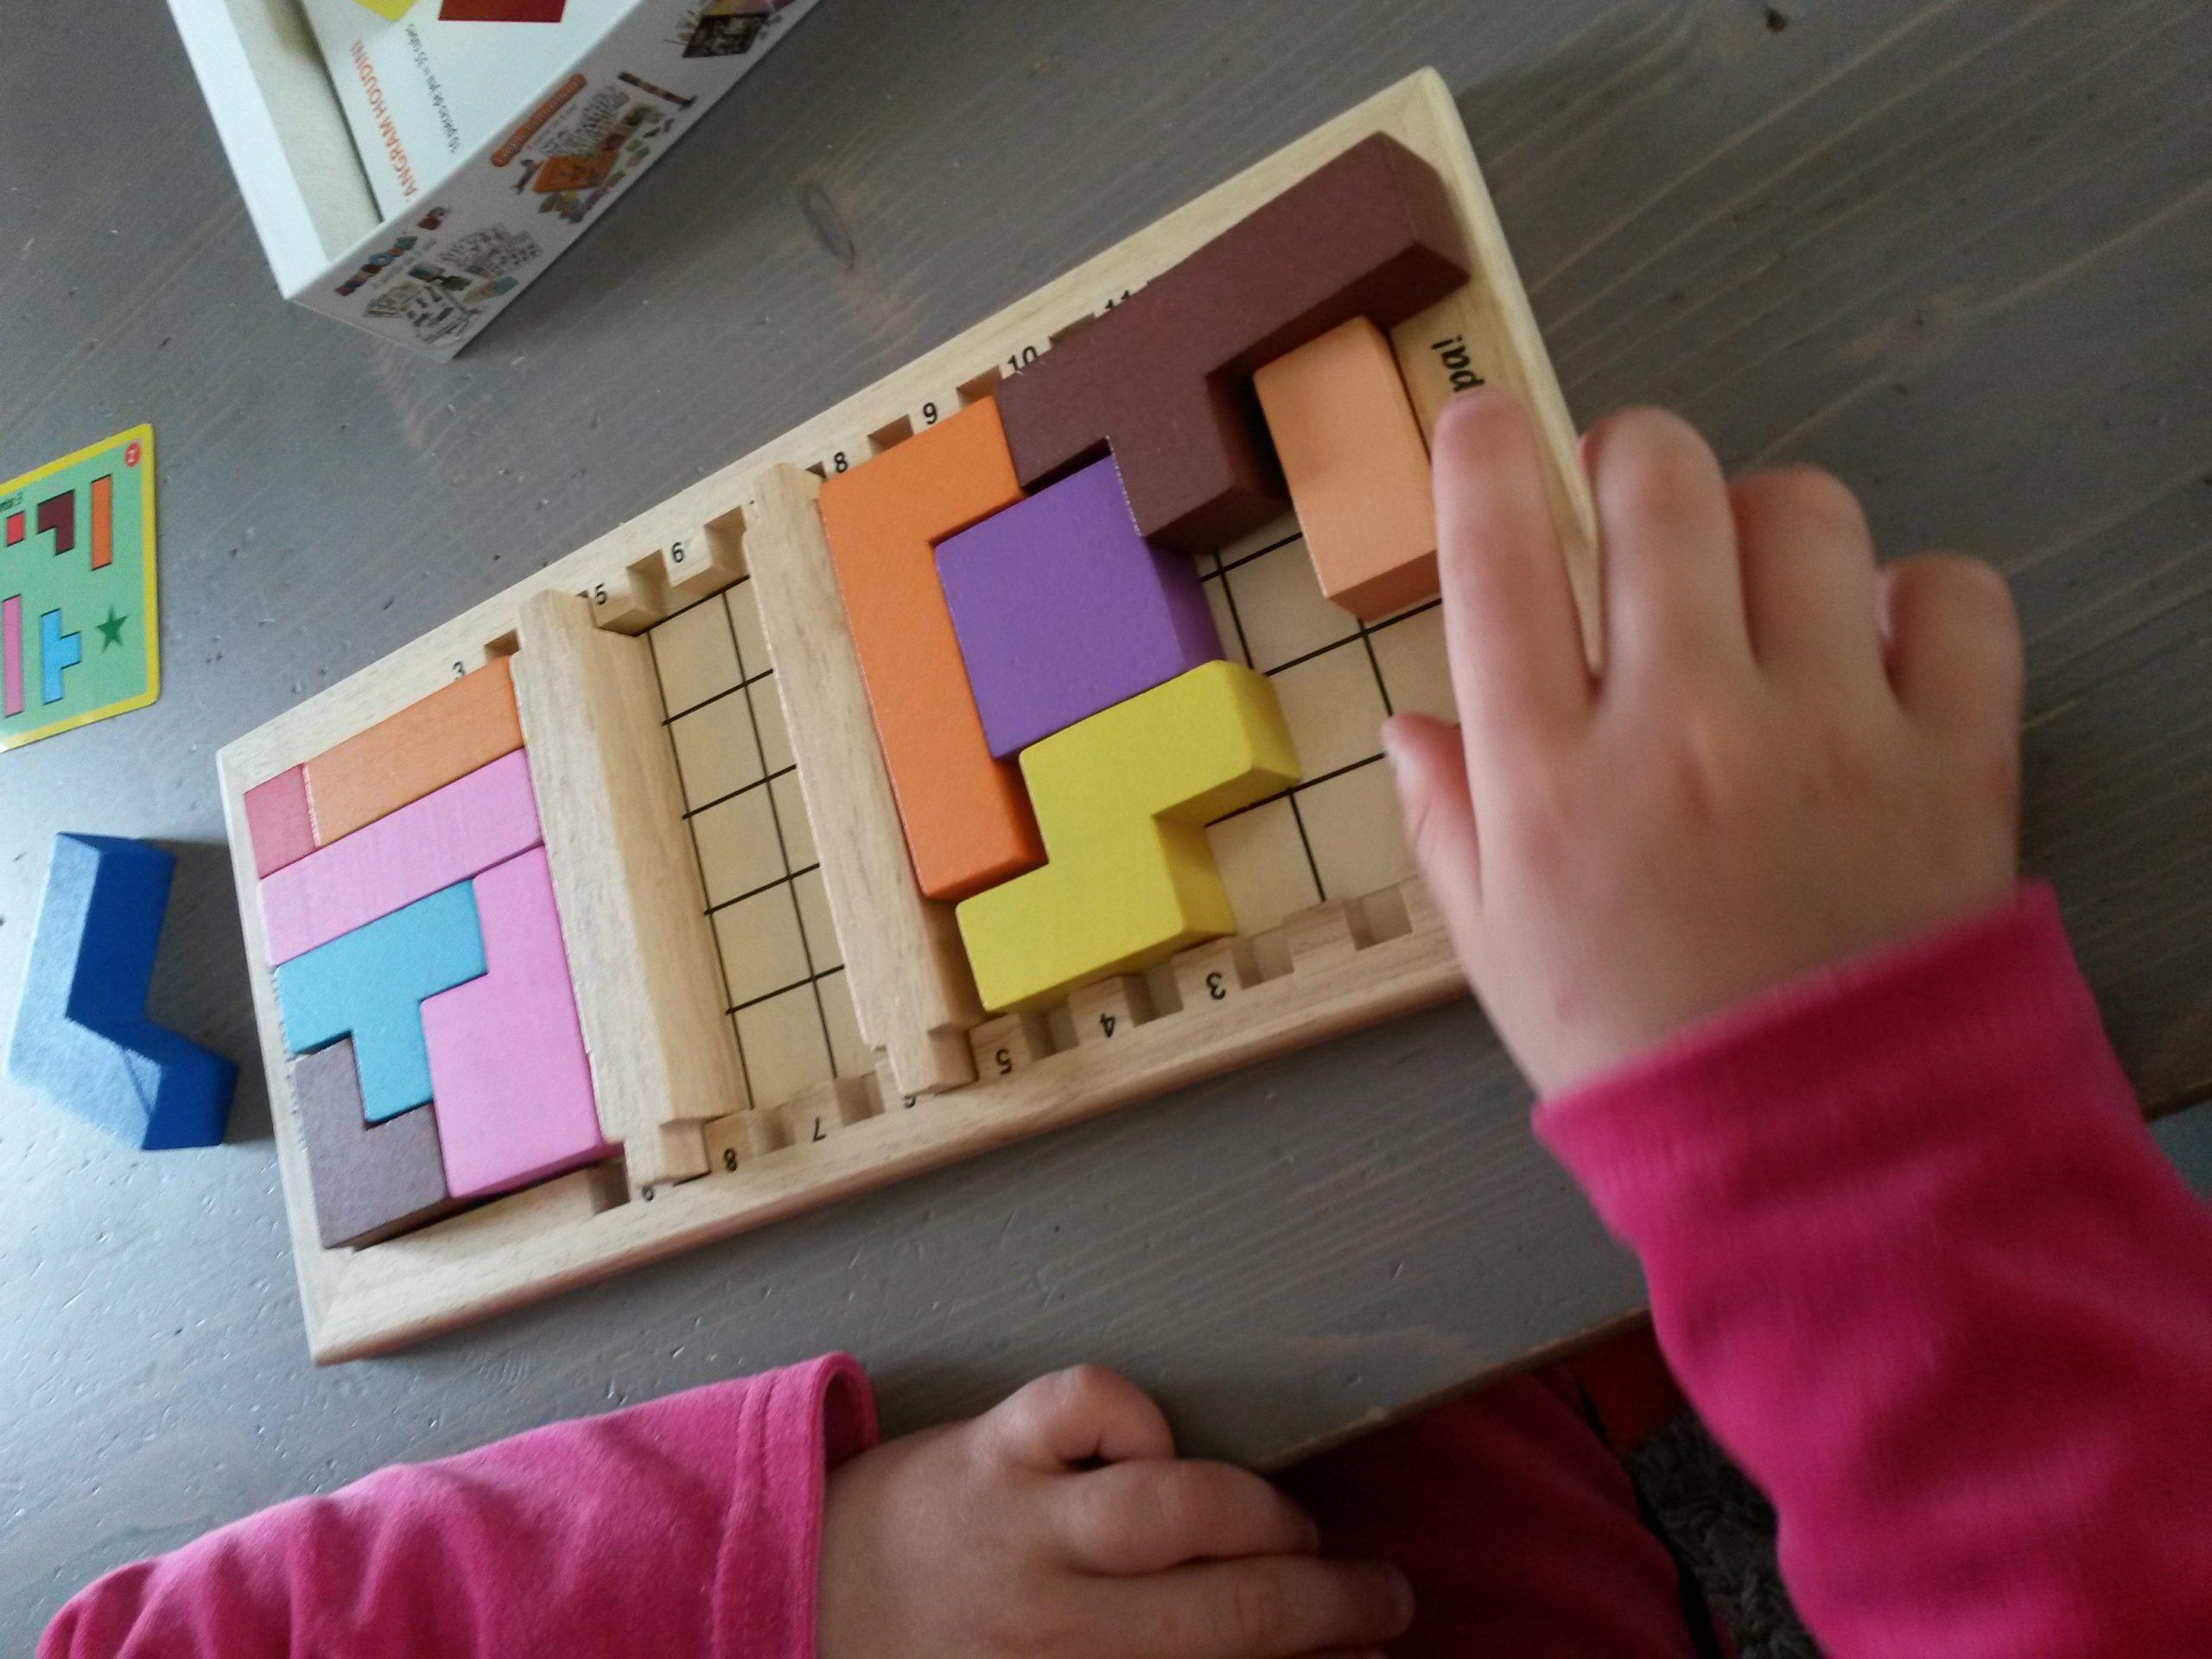 Ma Sélection De 5 Jeux De Logique Pour Les Enfants avec Jeux De Fille 4 Ans Gratuit